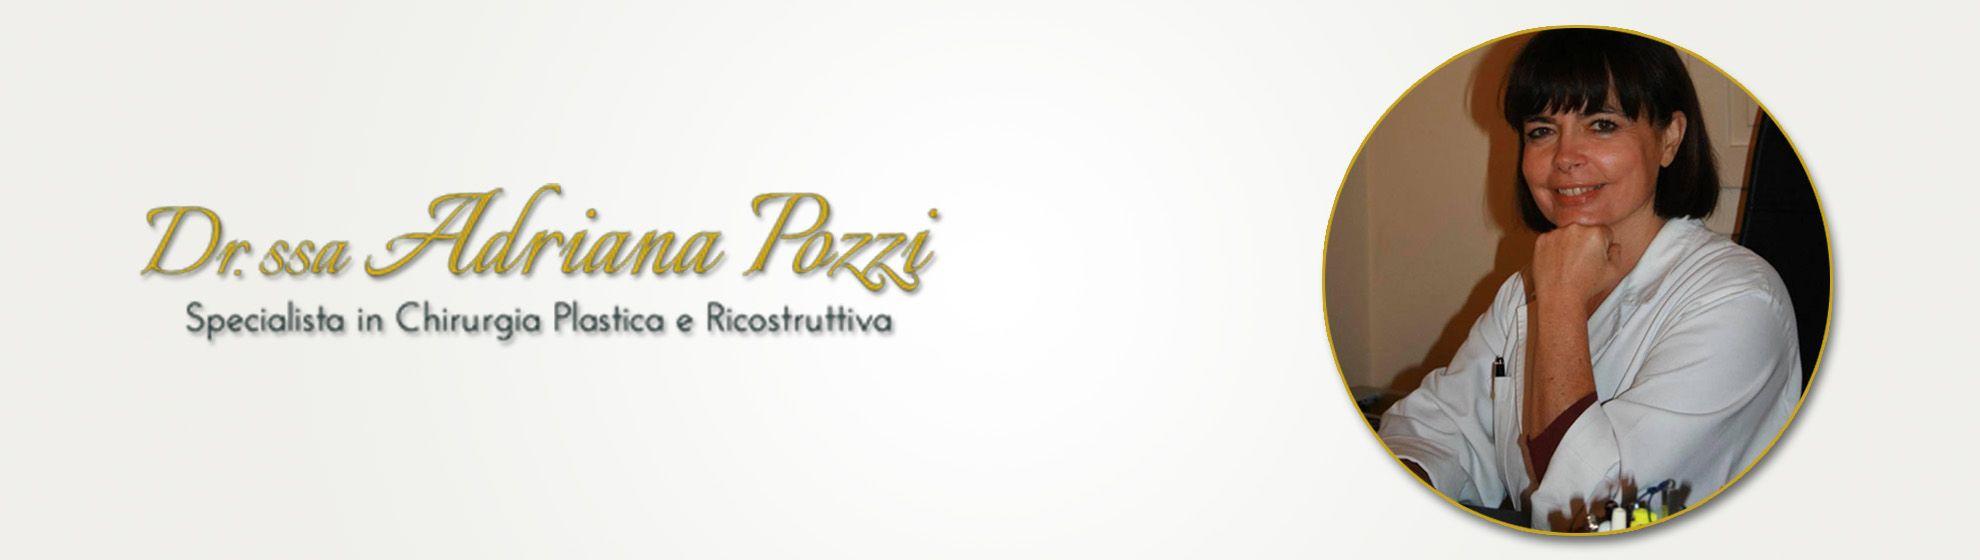 Adriana Pozzi- Chirurgia Plastica E Ricostruttiva